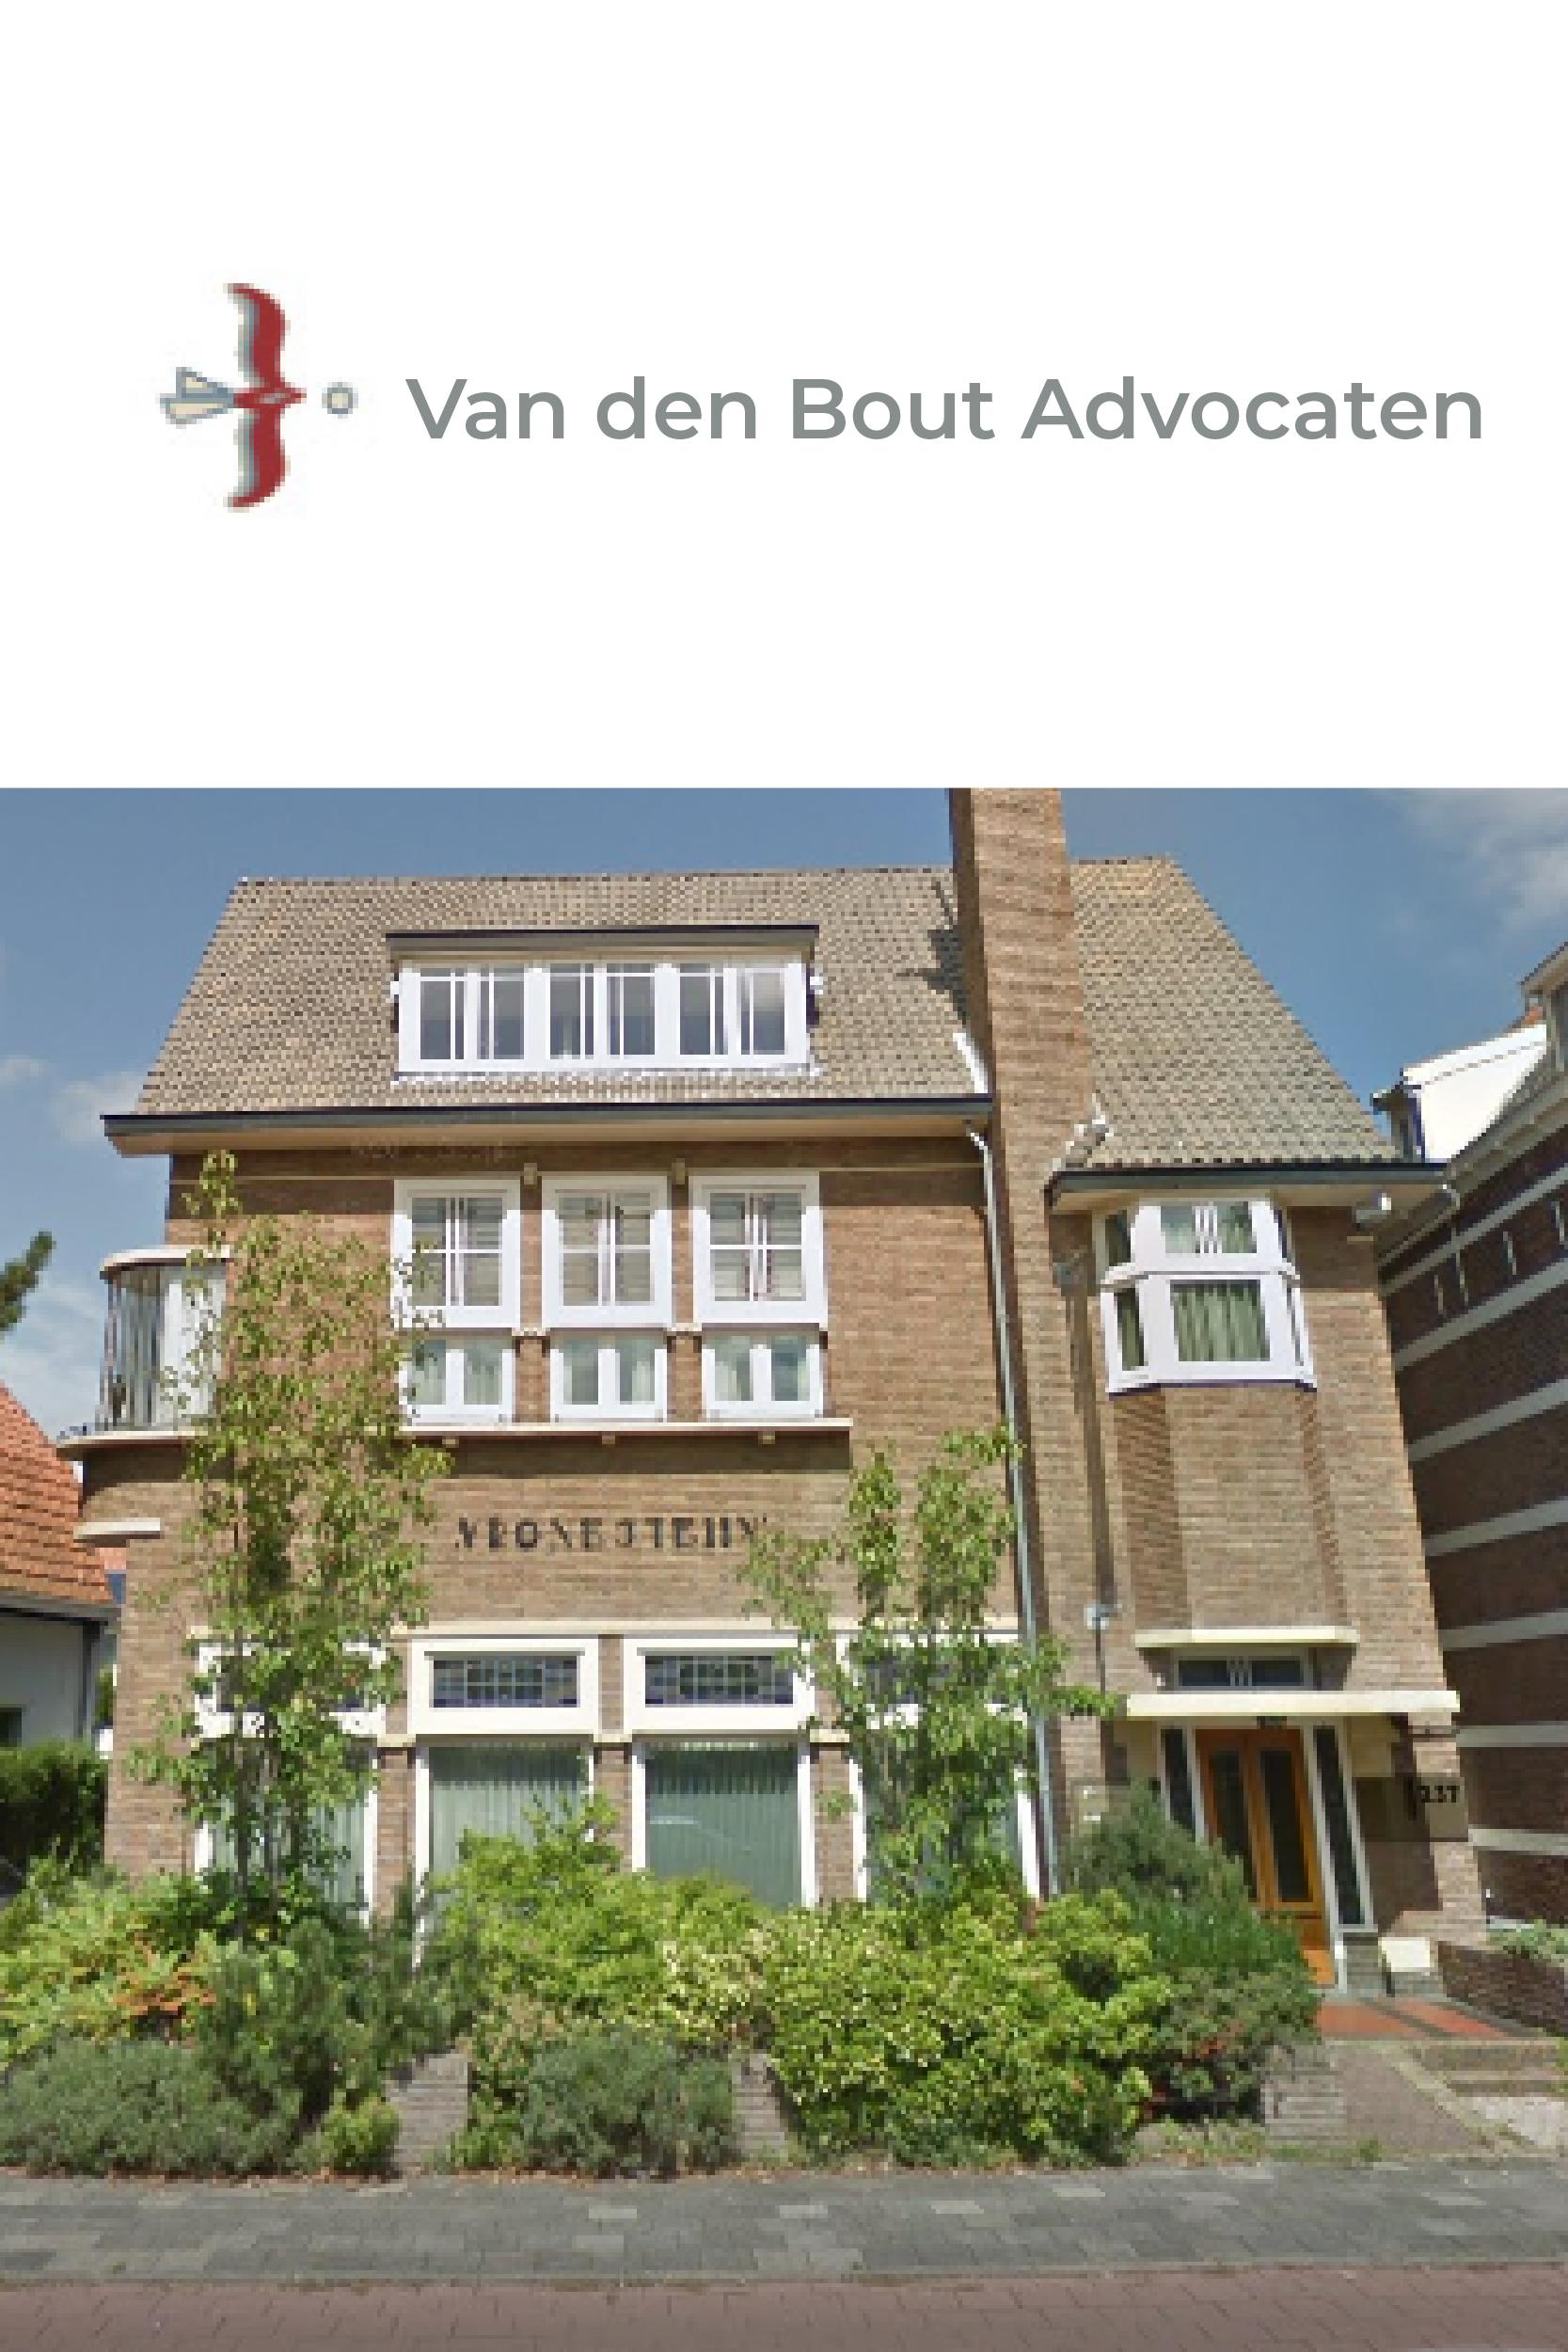 Van den Bout Advocaten